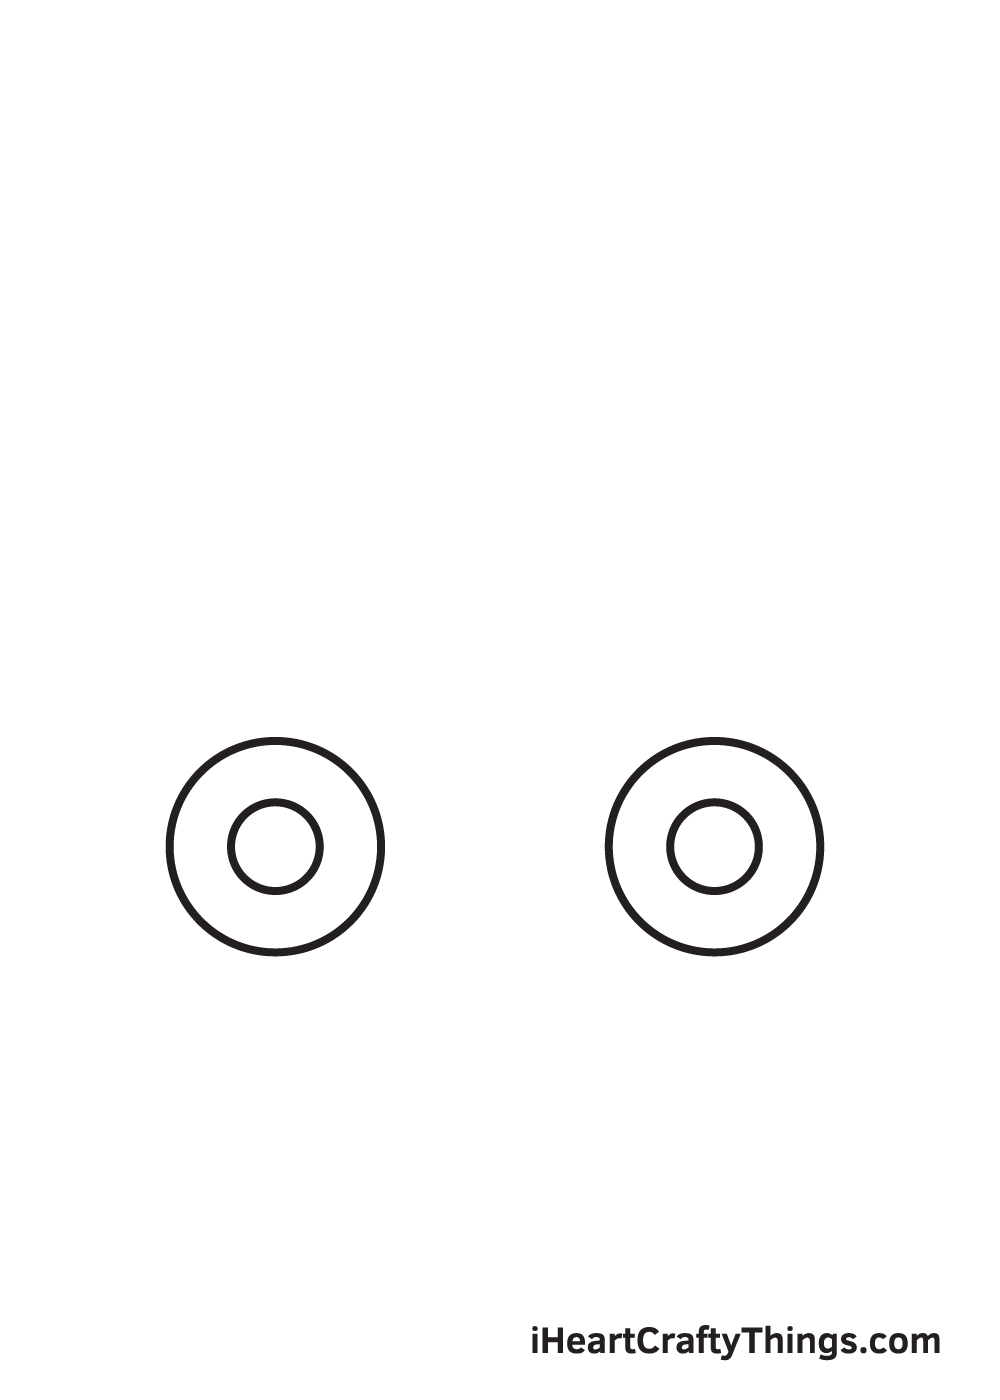 bản vẽ ô tô - bước 2